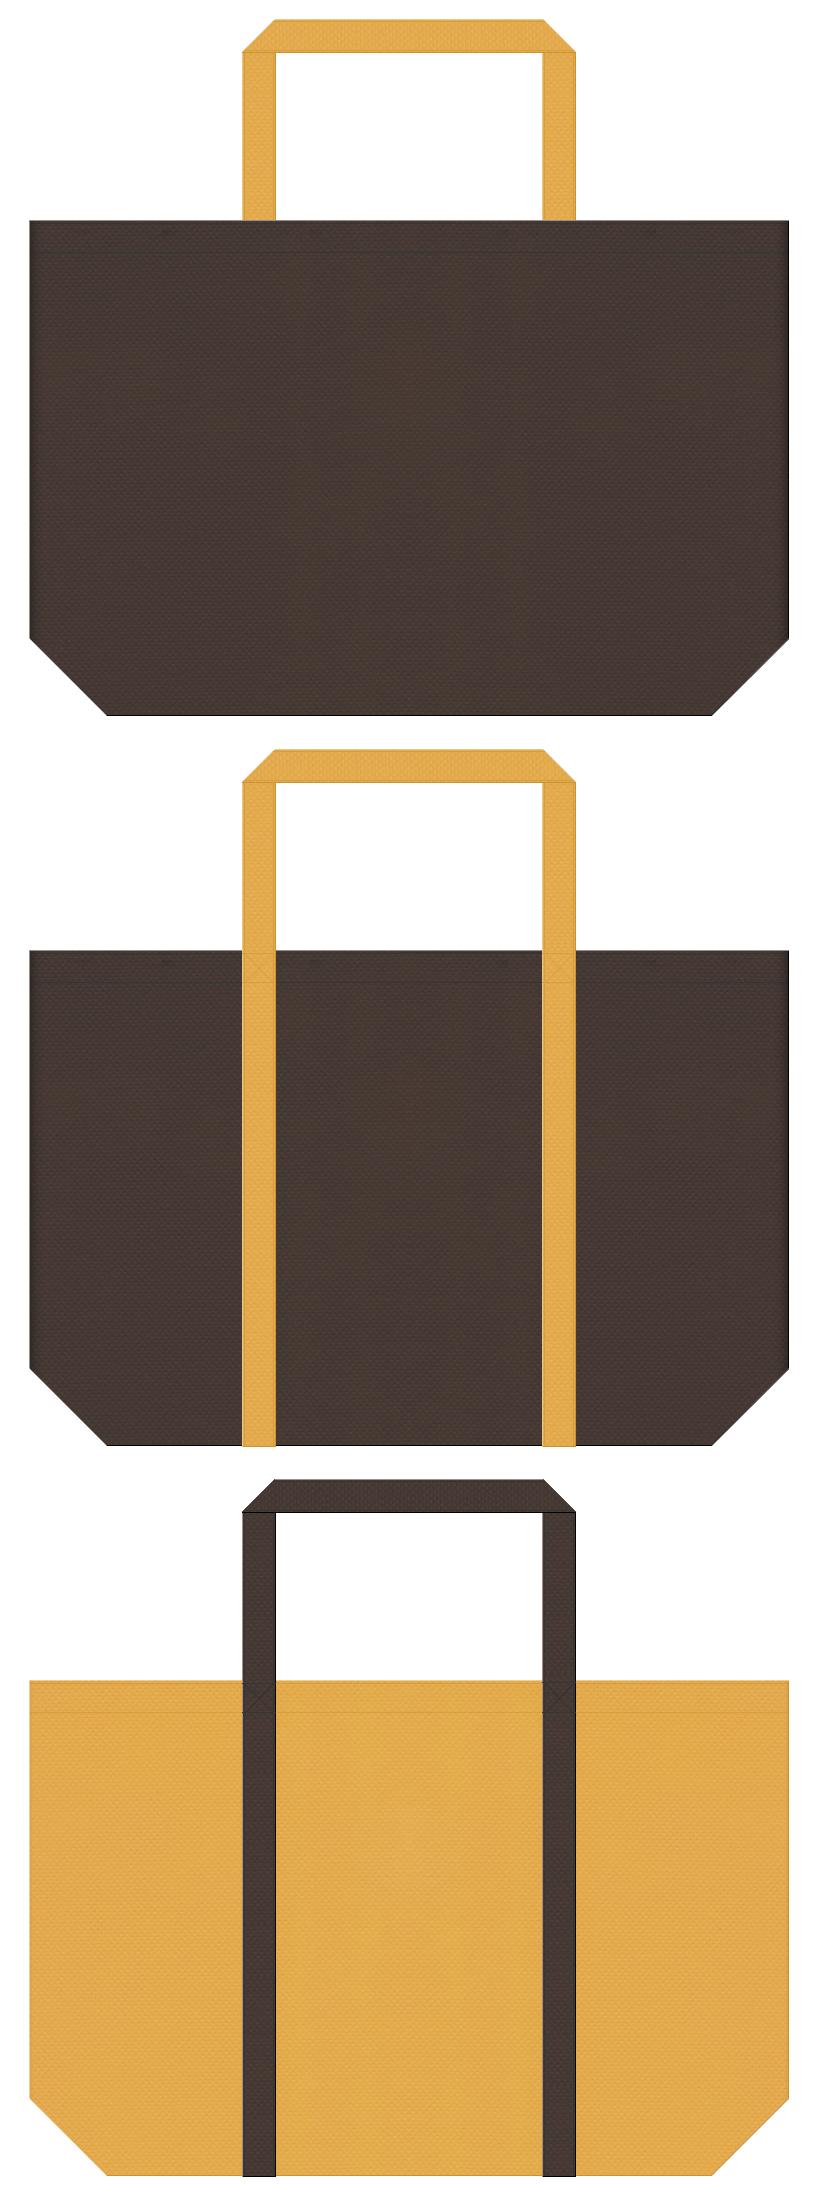 こげ茶色と黄土色の不織布バッグデザイン。チョコレートドーナツ風の配色で、ベーカリーショップ・ベーカリーカフェにお奨めの配色です。